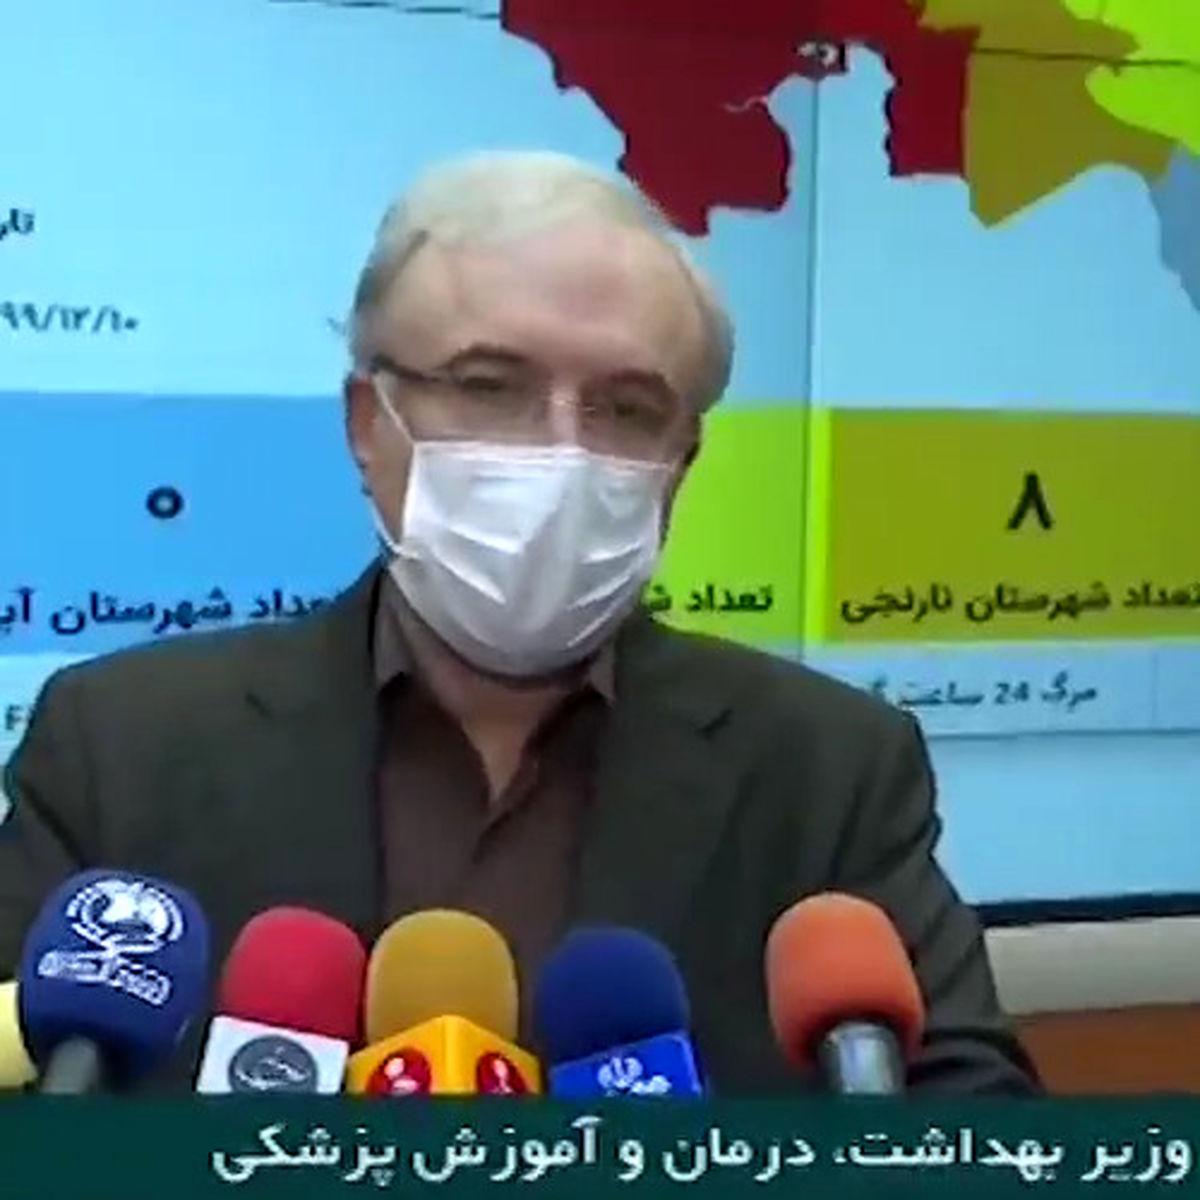 وزیر بهداشت: بار و بندیل سفر نبندید و فکر سفر را هم نکنید